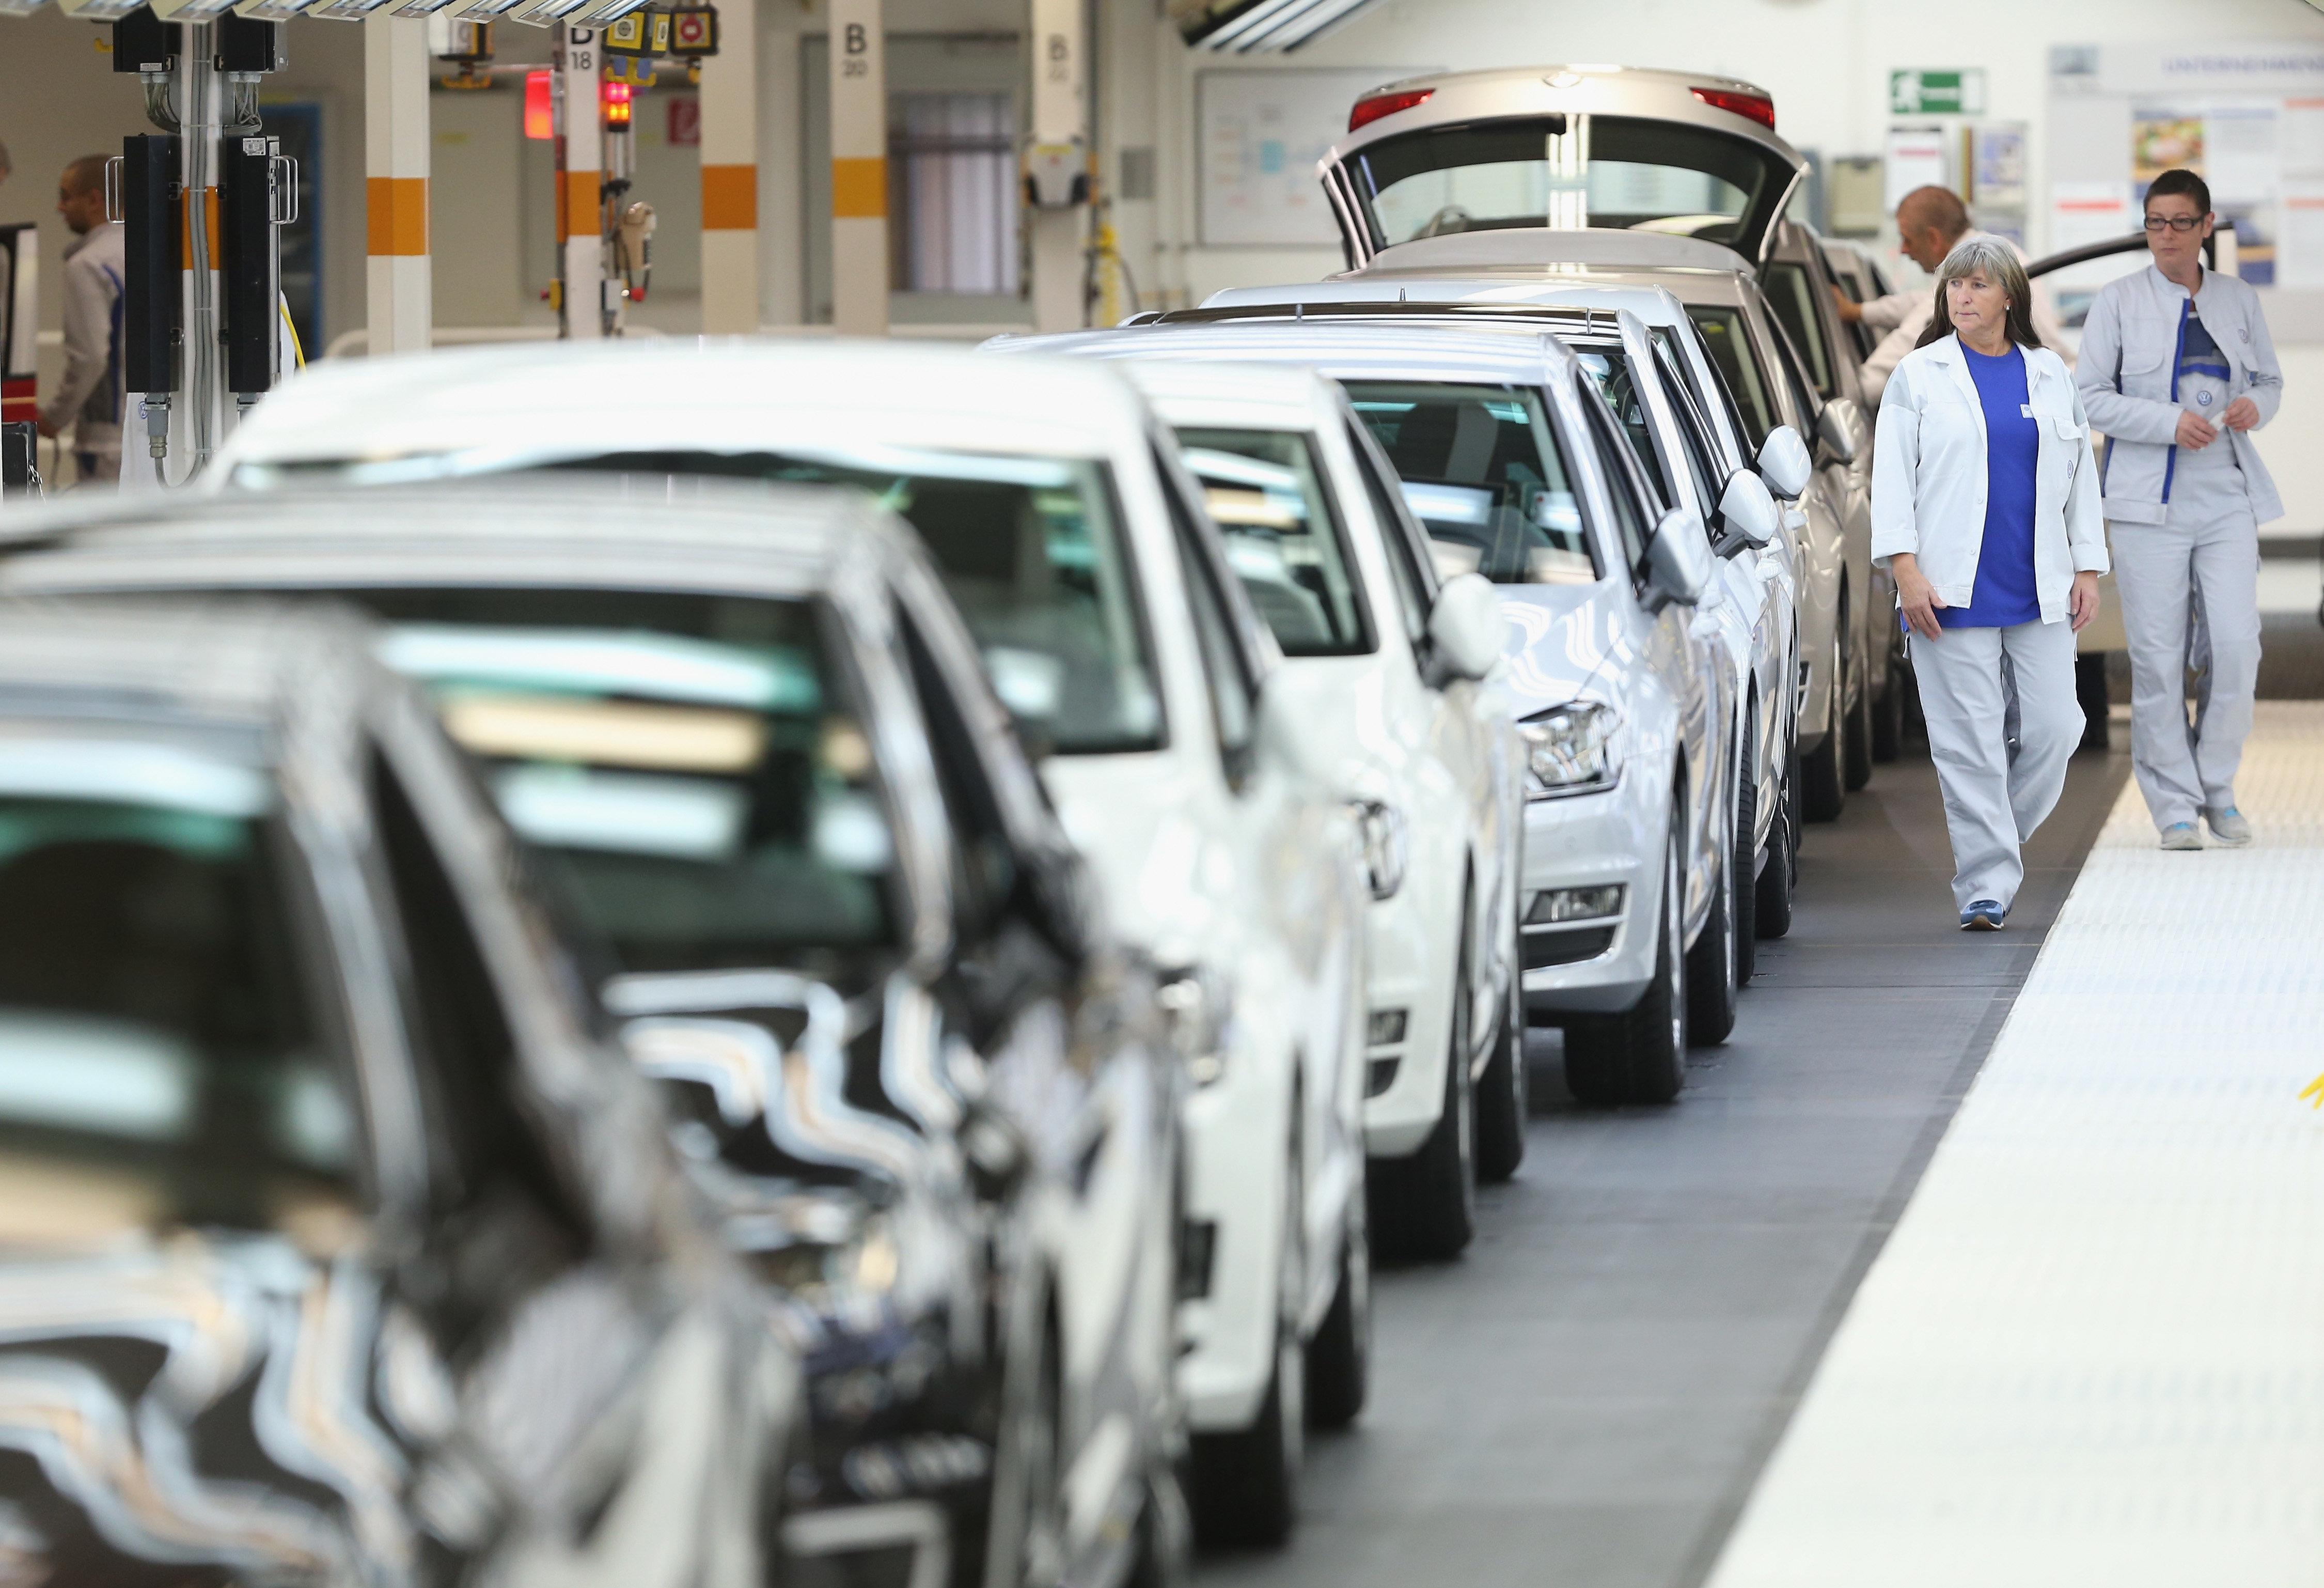 Bericht: Autolobby finanzierte auch Abgas-Versuch mit Menschen